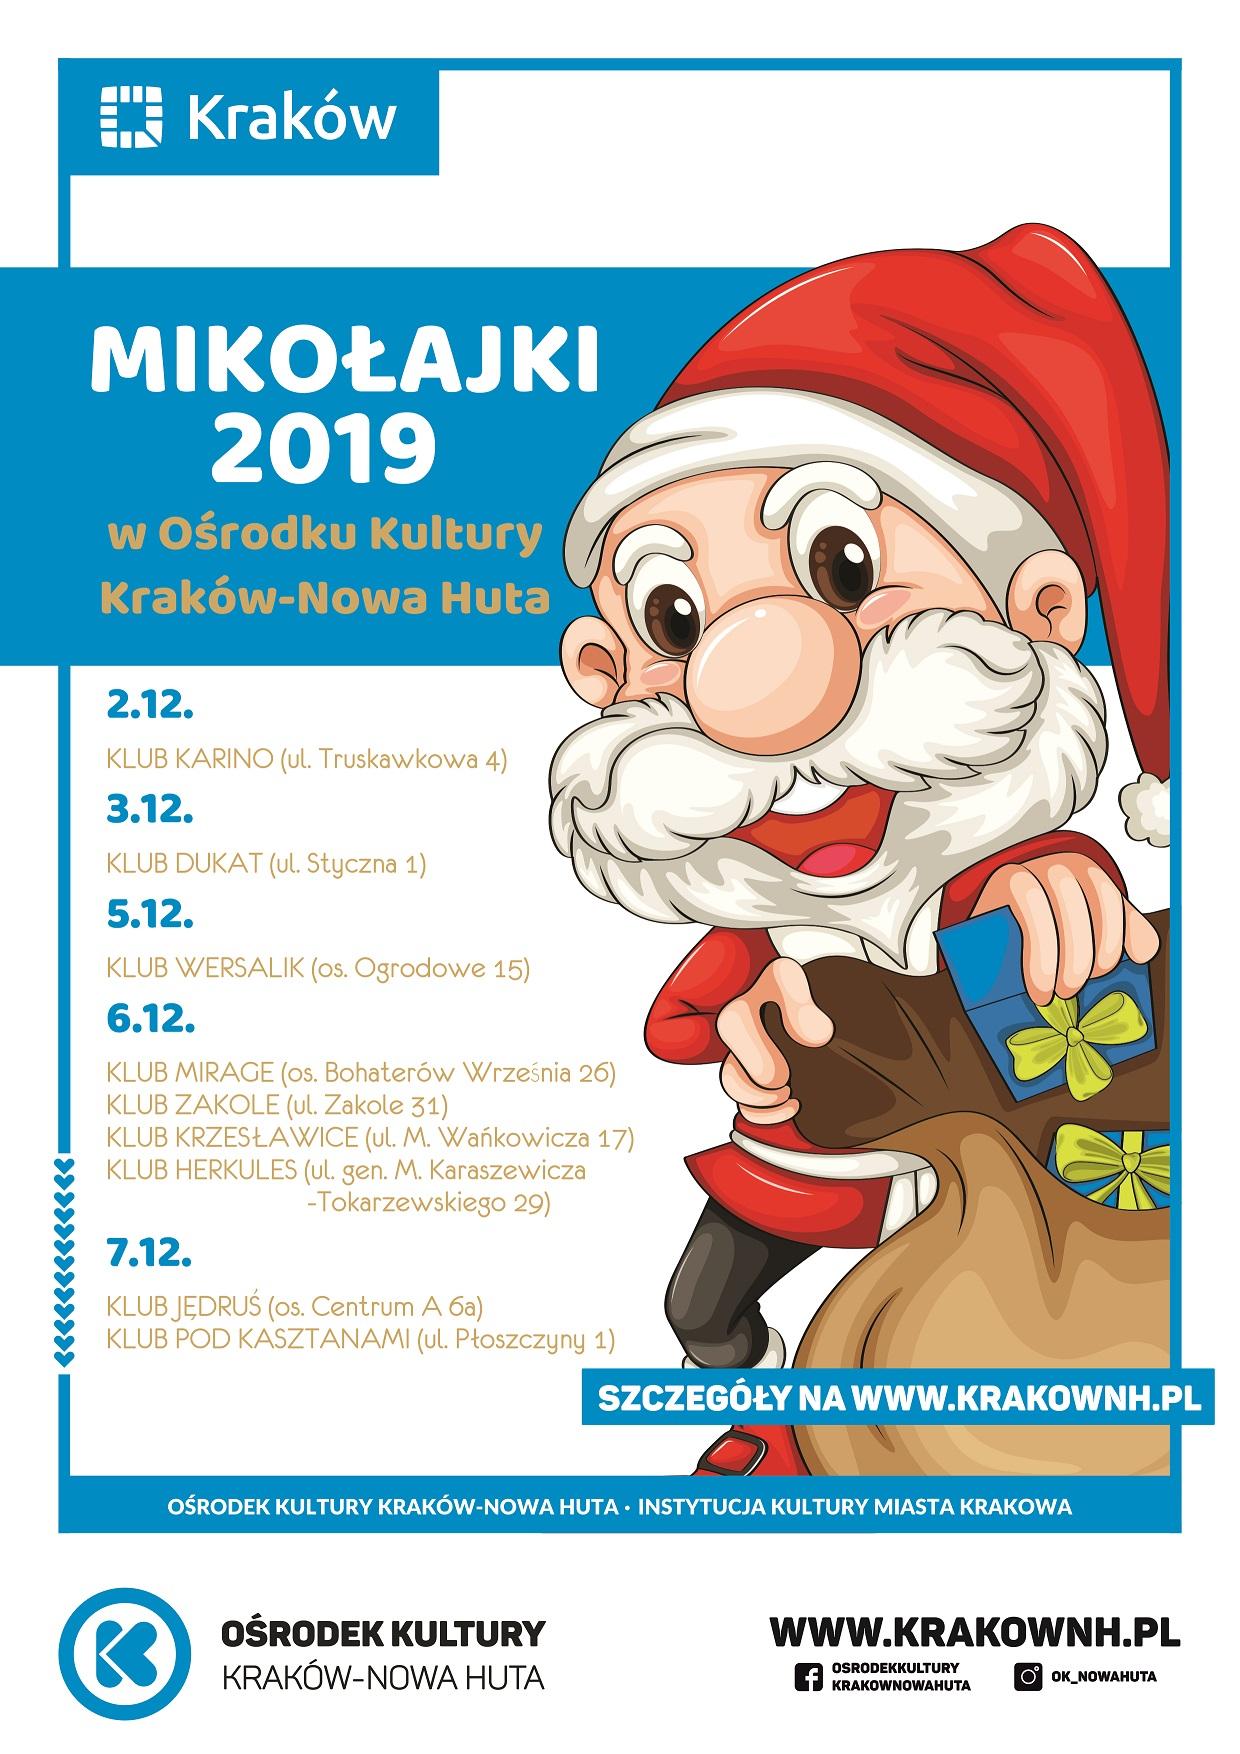 Mikołajki 2019 w Ośrodku Kultury Kraków - Nowa Huta